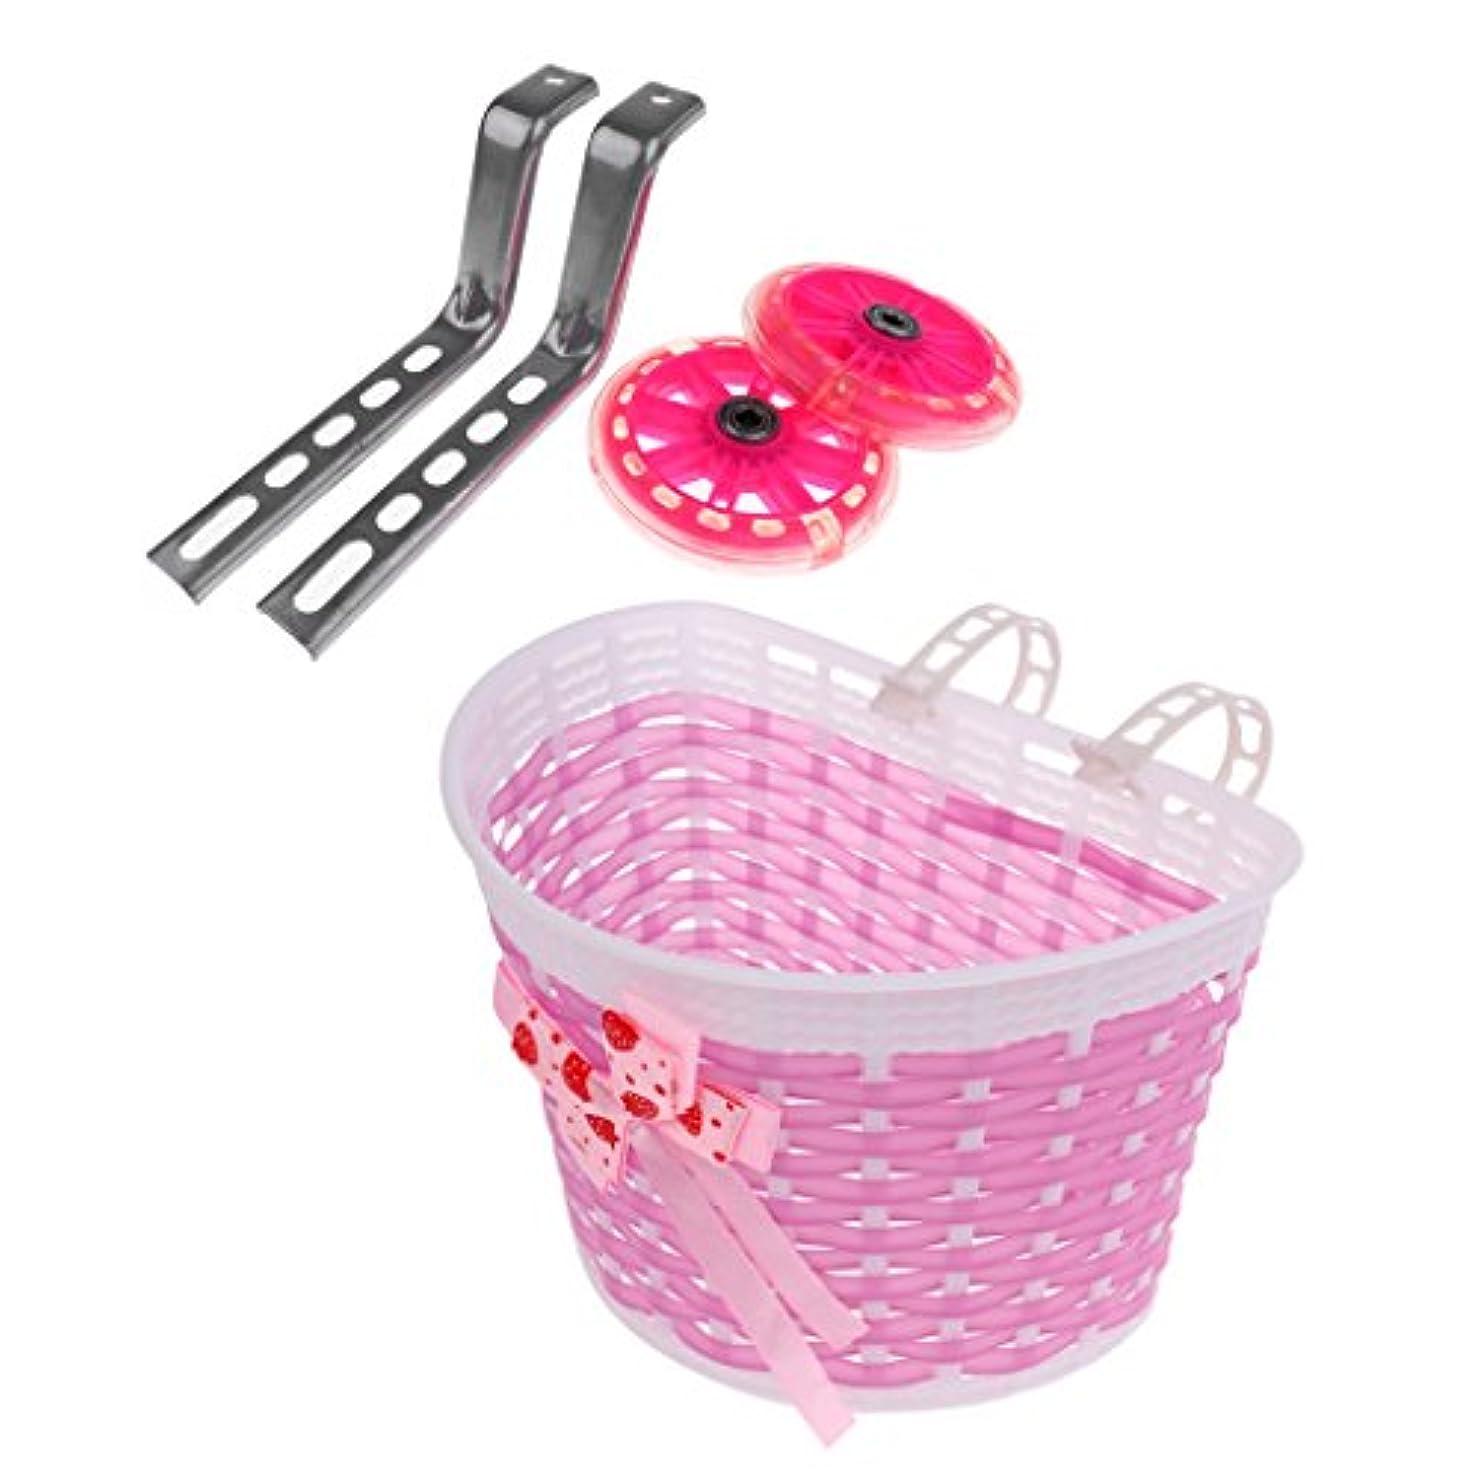 ロボットビジネス入射Perfk 可愛い 子供用自転車 フロントバスケット+自転車トレーニングホイール 女の子の初心者 交換用 耐衝撃性 ピンク